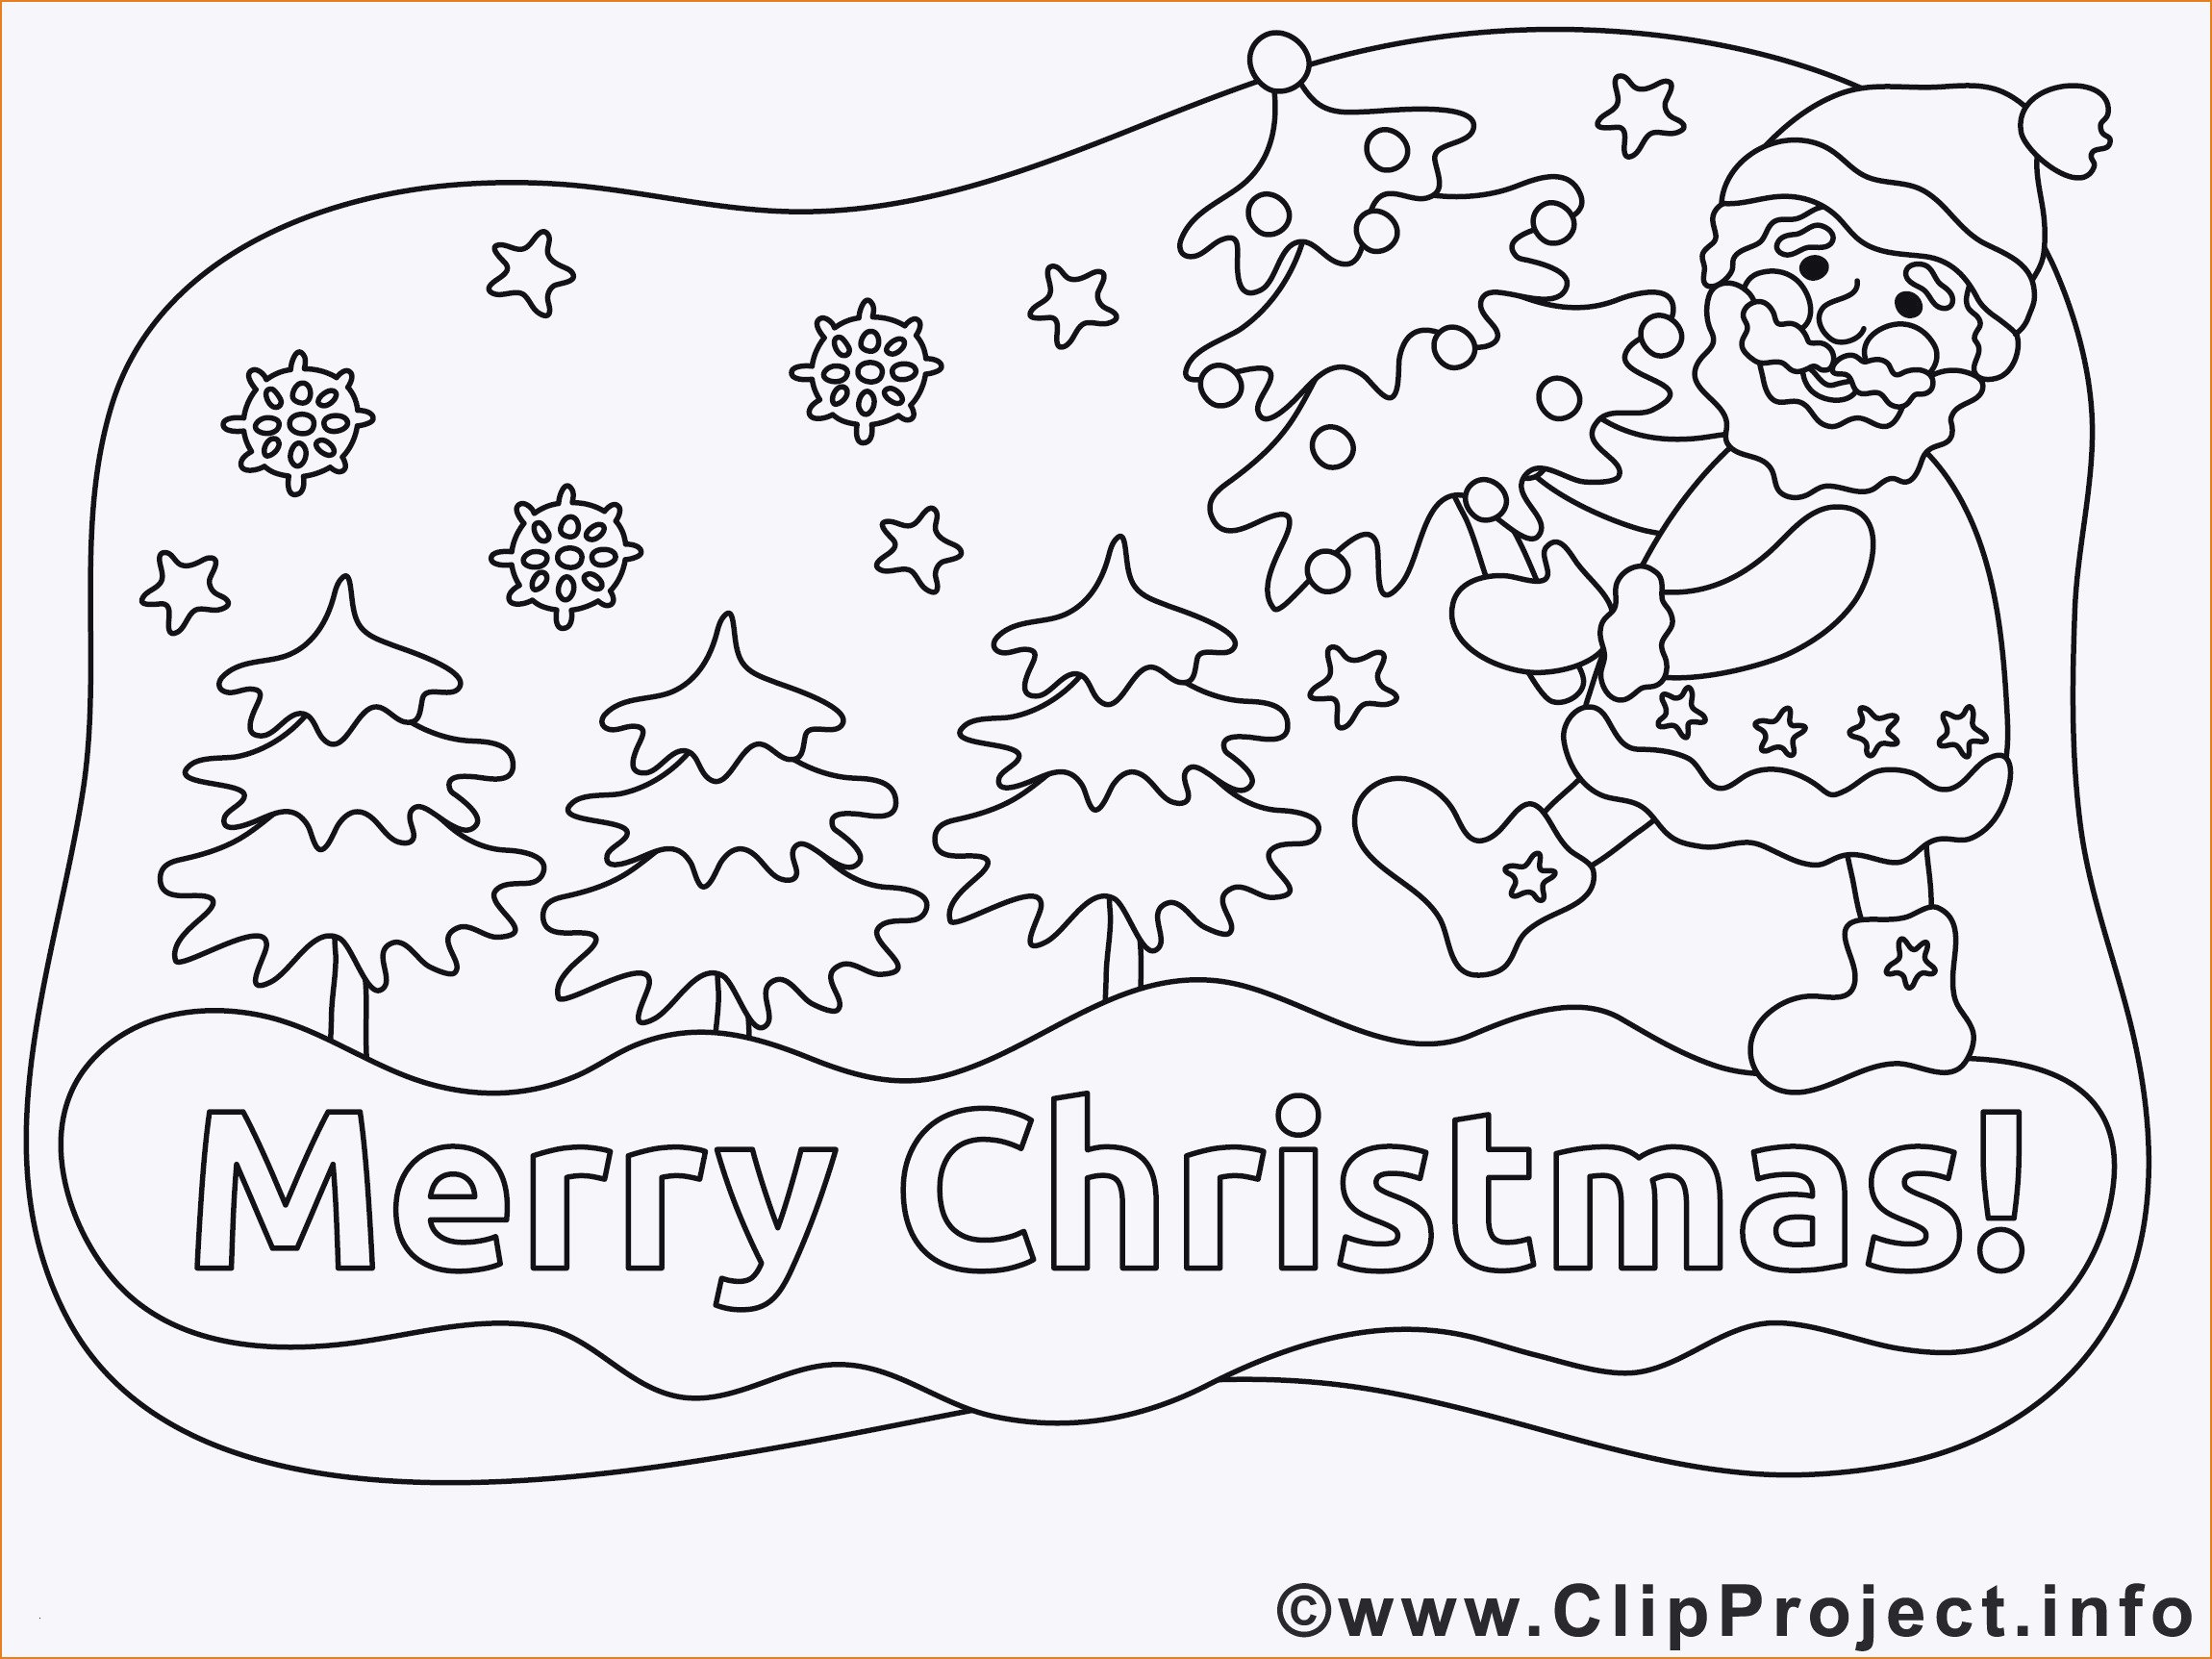 Reh Bilder Zum Ausmalen Das Beste Von 30 Ausmalbilder Merry Christmas forstergallery Bild